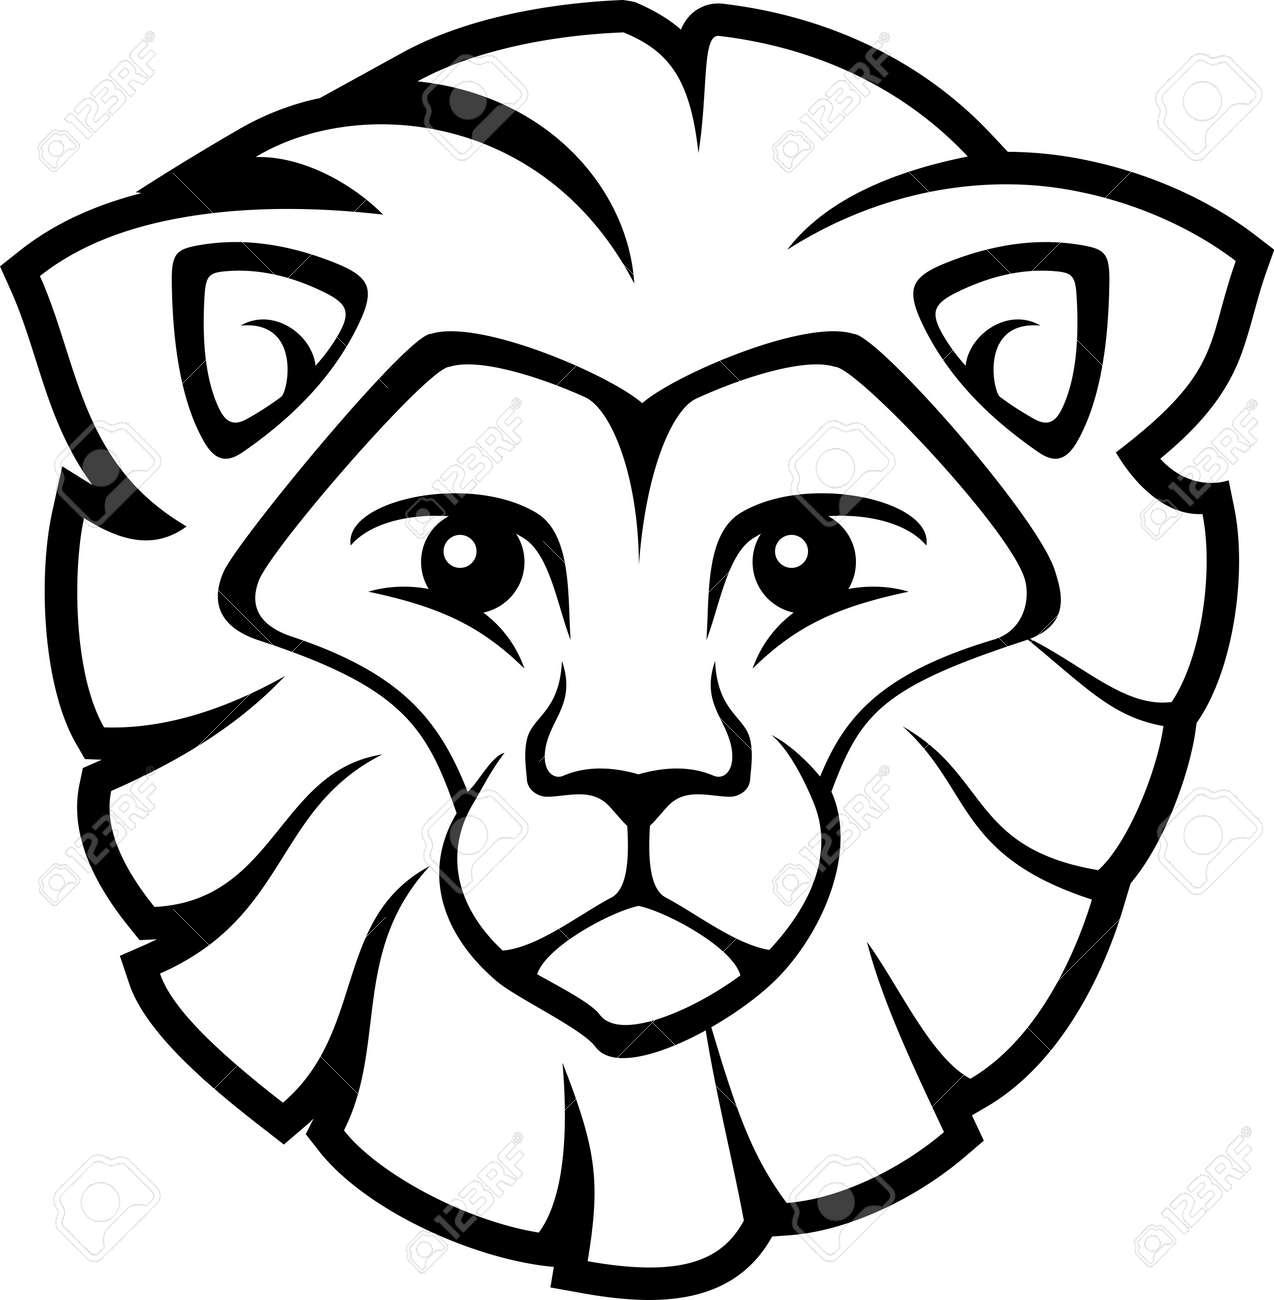 Tête De Lion Isolé Sur Fond Blanc Dans Un Format Vectoriel Très Facile à Modifier Des Objets Individuels